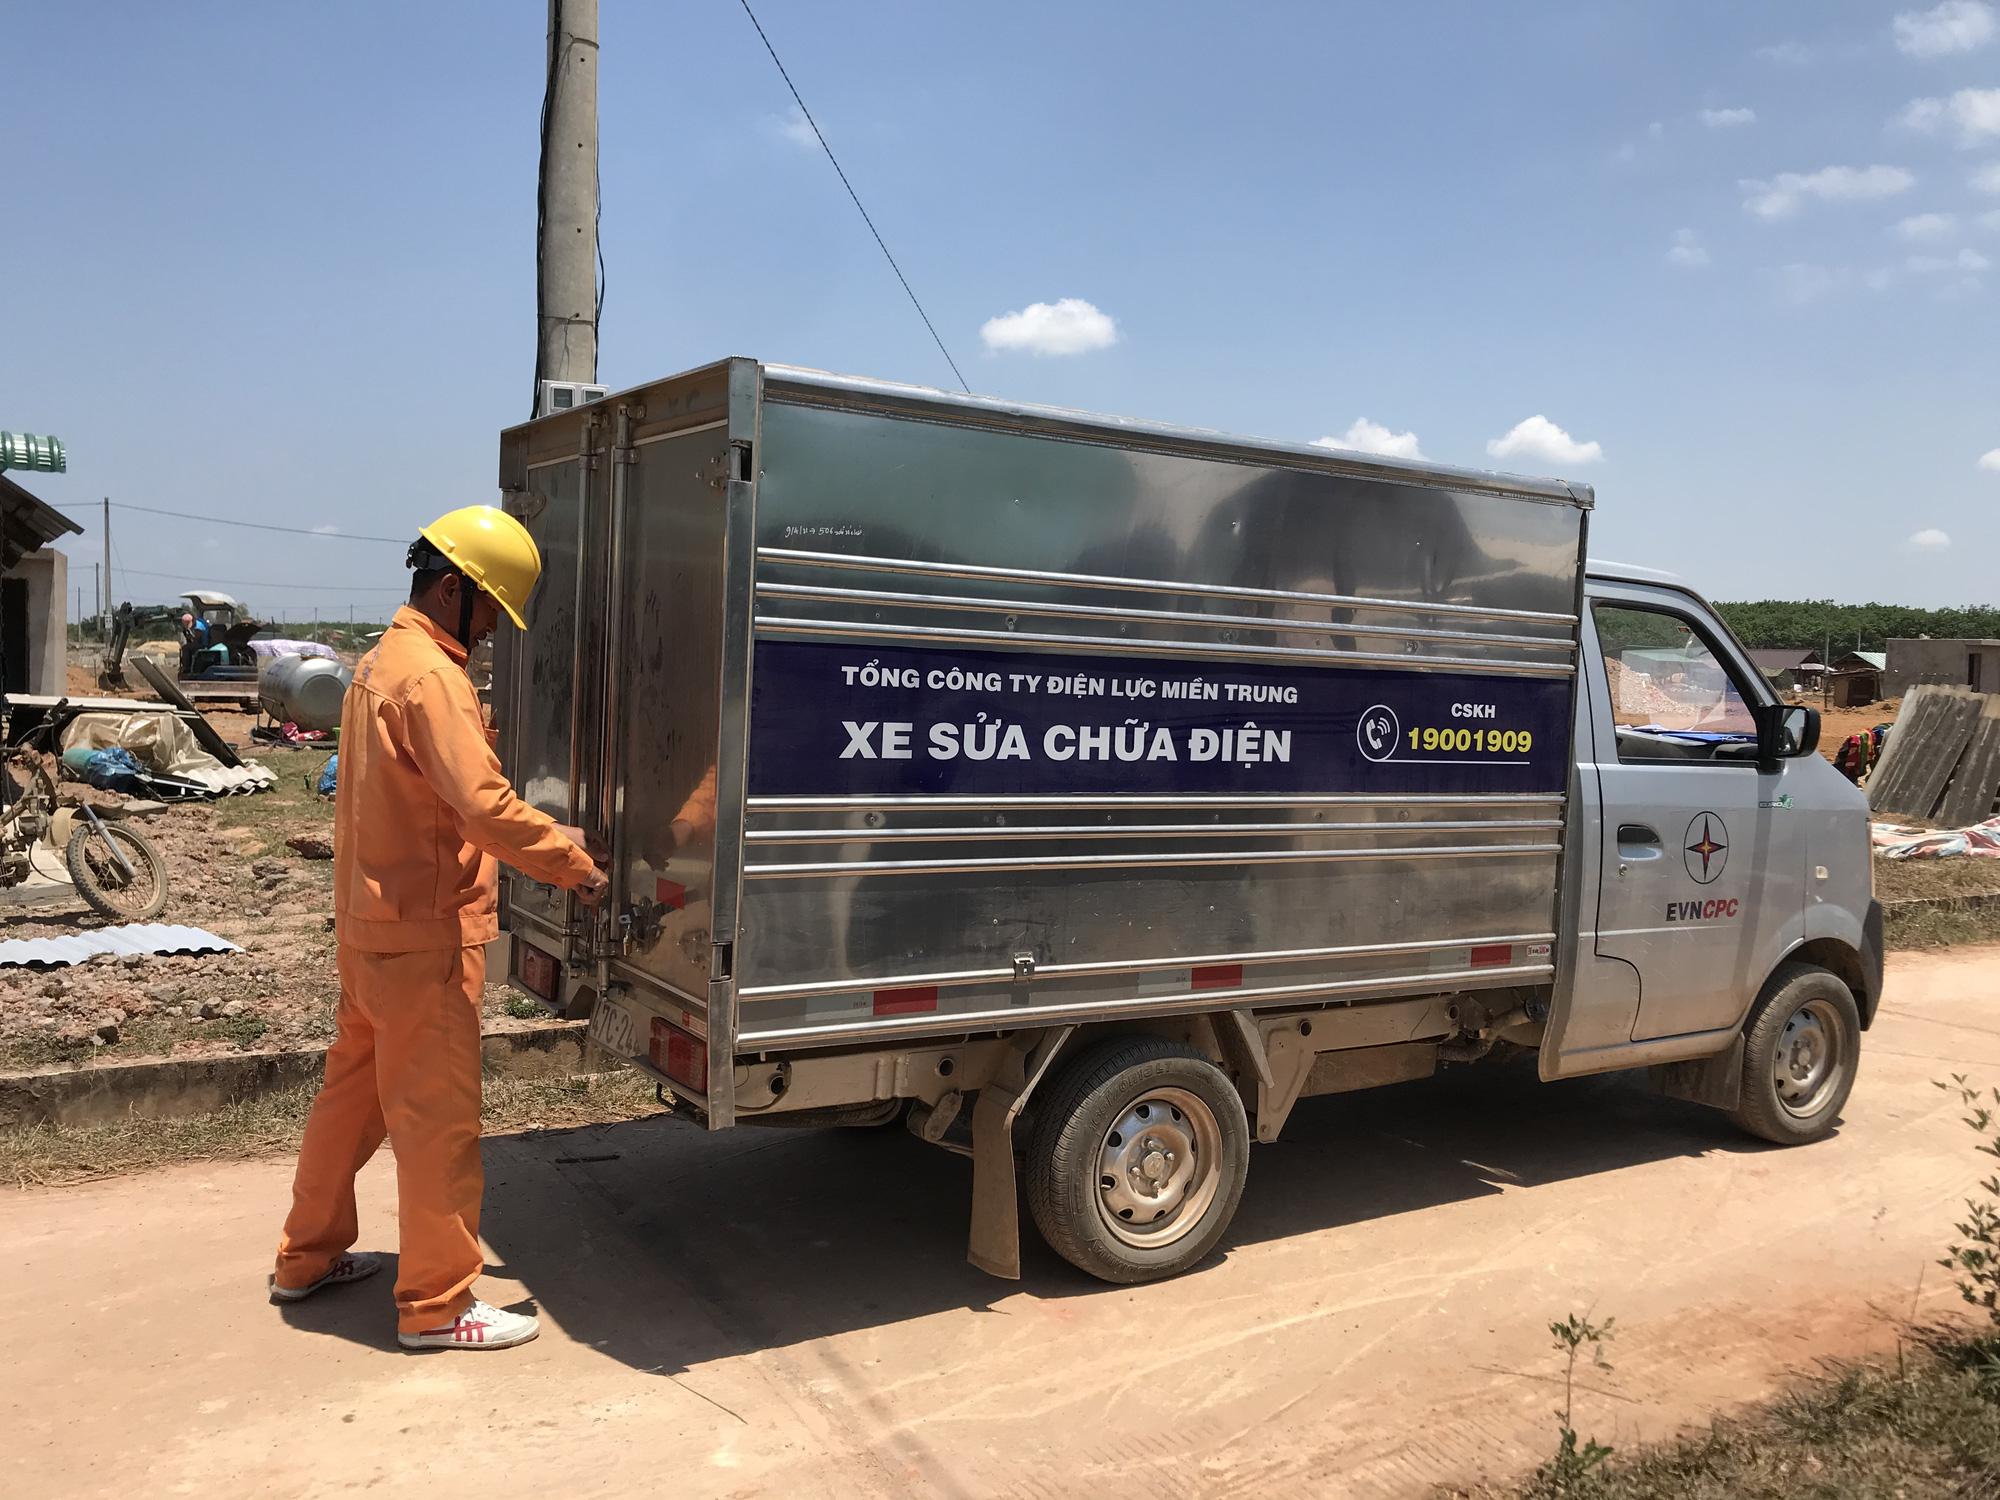 Tái định cư Dự án hồ chứa nước Krông Pắk Thượng: Nhà vừa dựng lên đã có điện - Ảnh 4.